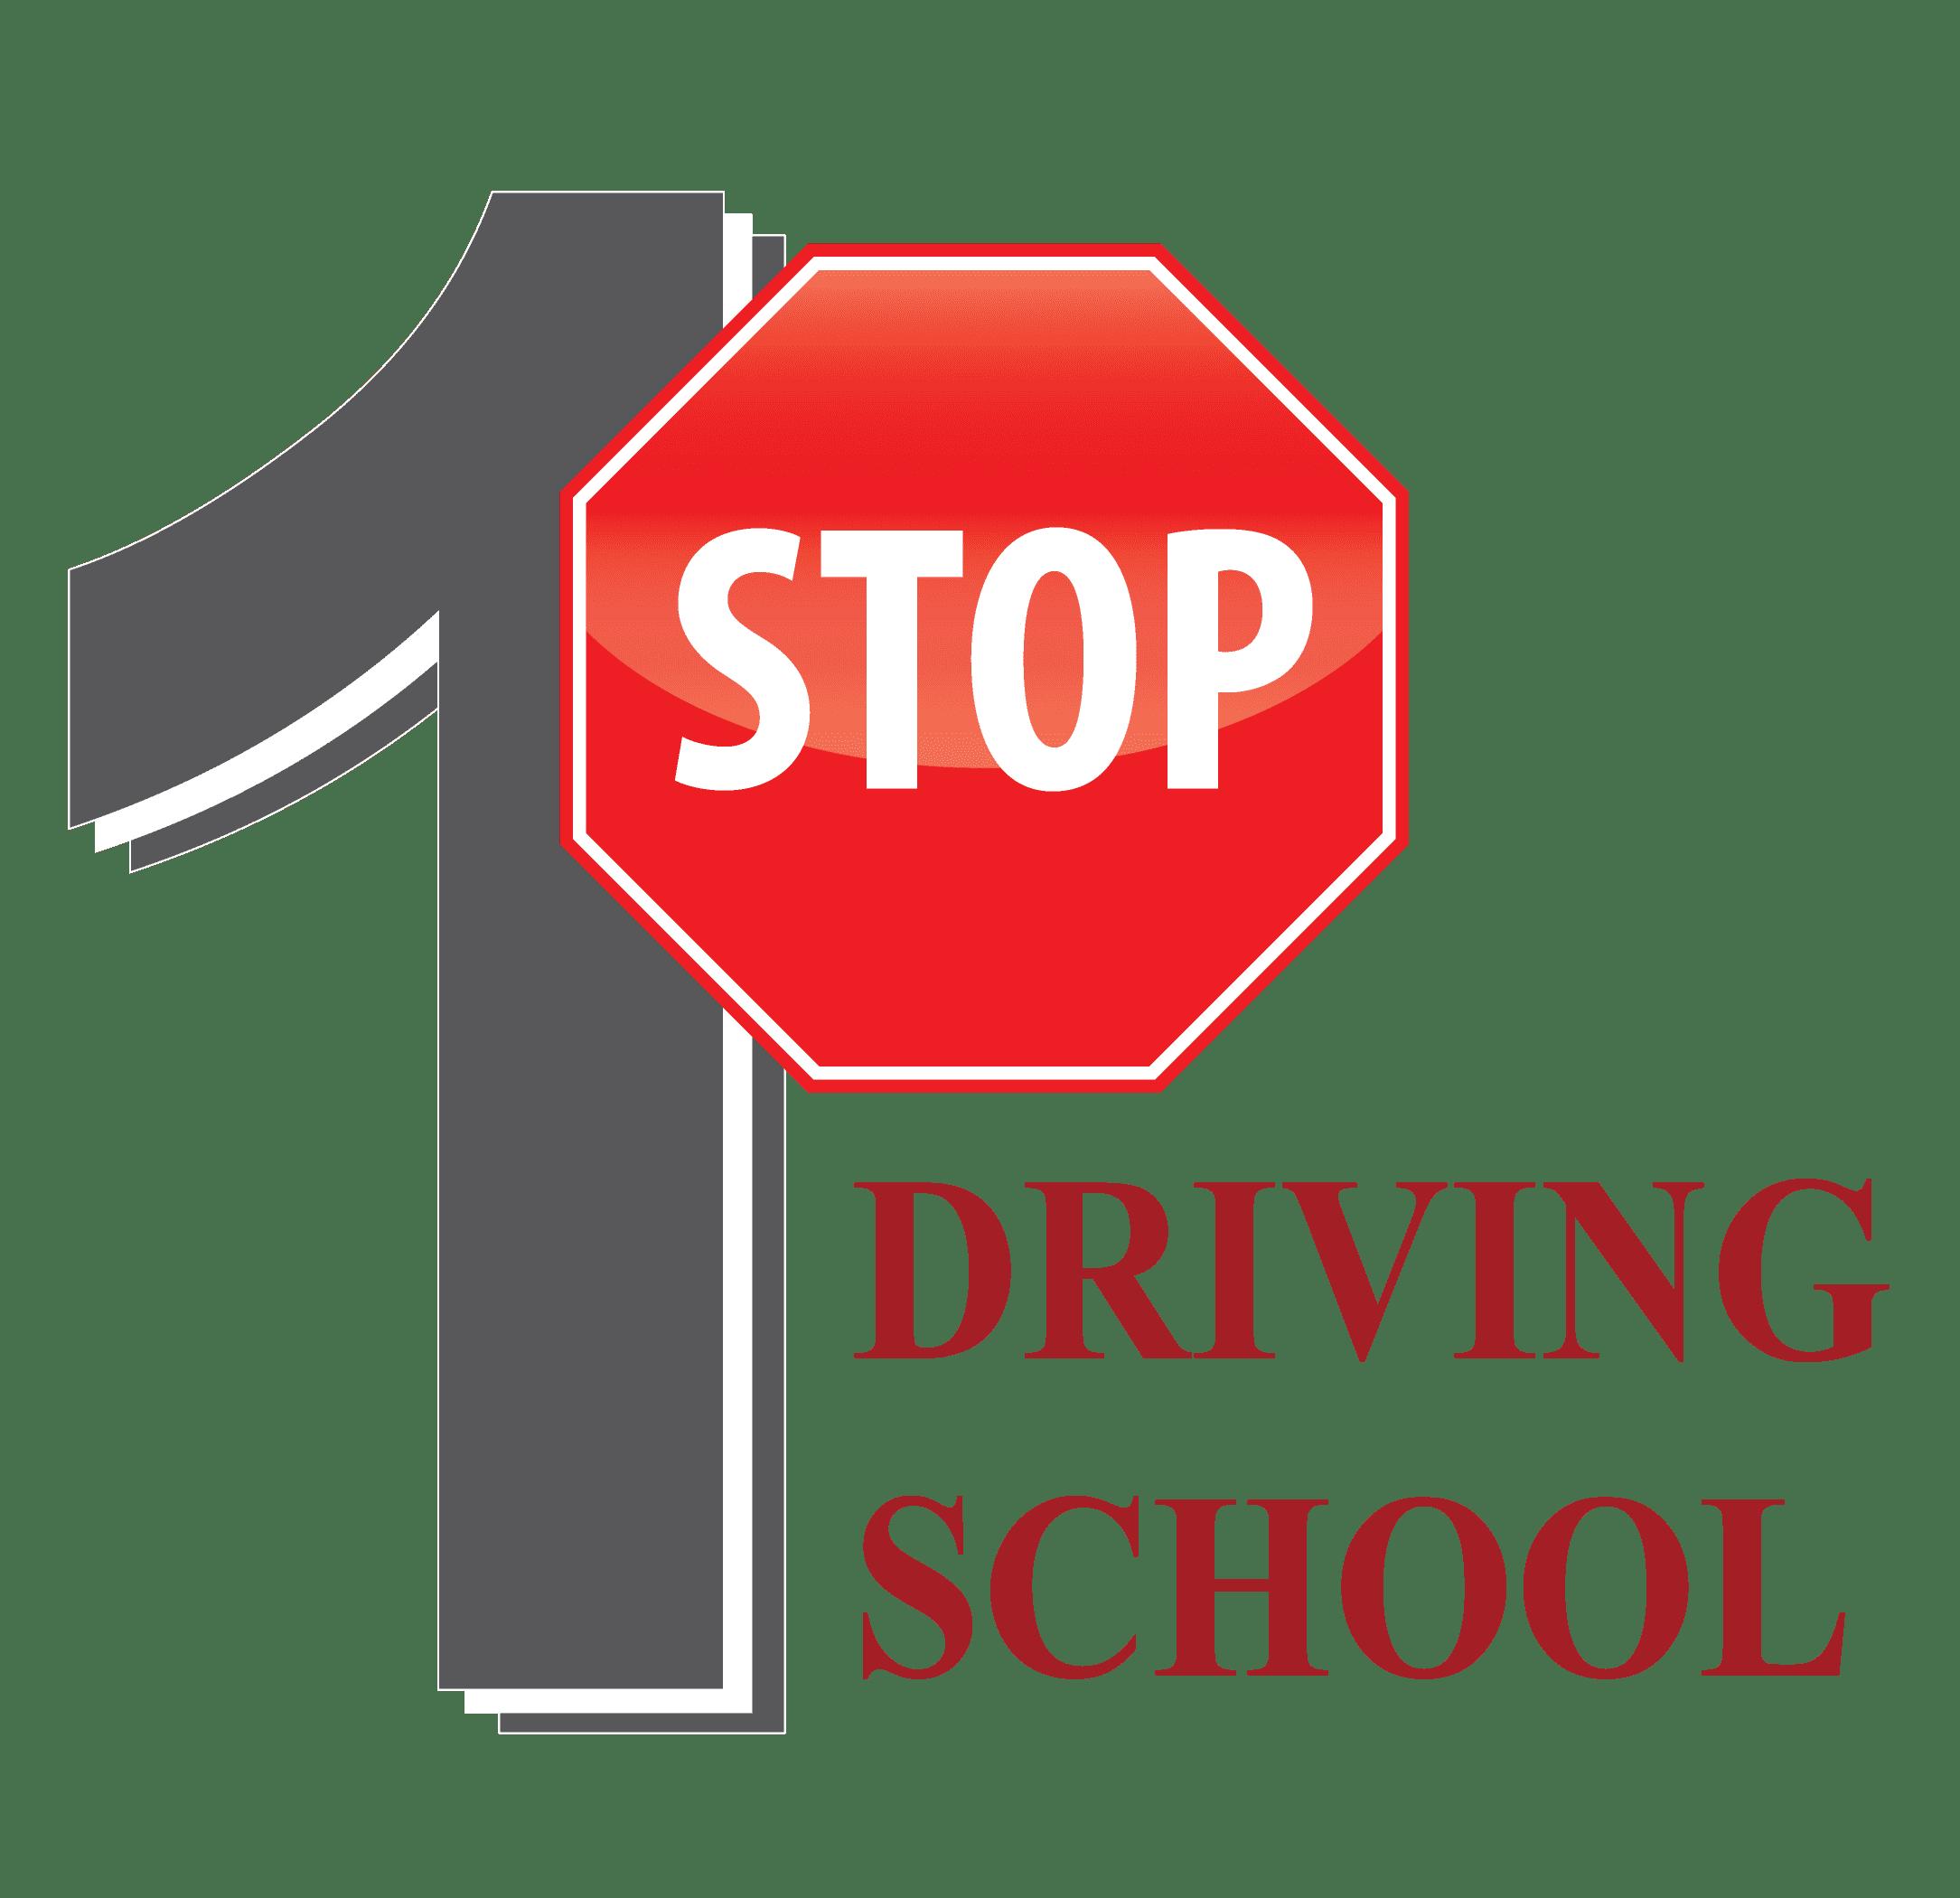 1 Stop Driving School in Virginia